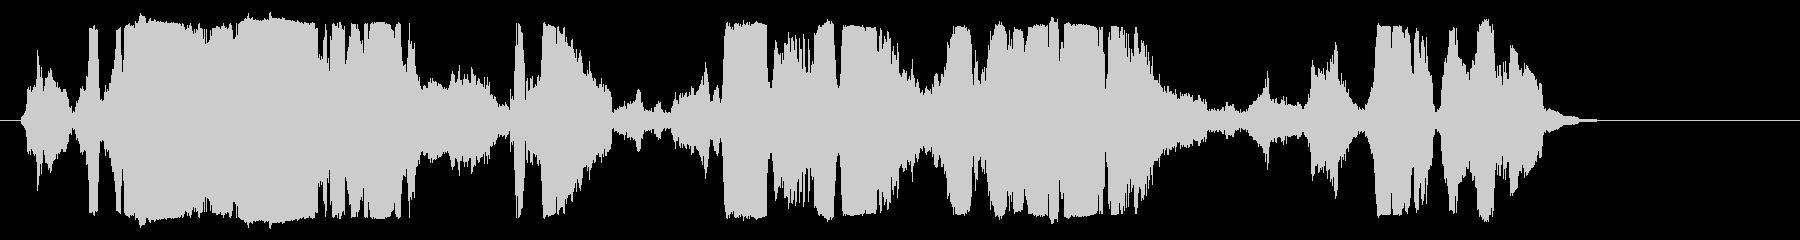 オートバイモトクロス; 125 C...の未再生の波形